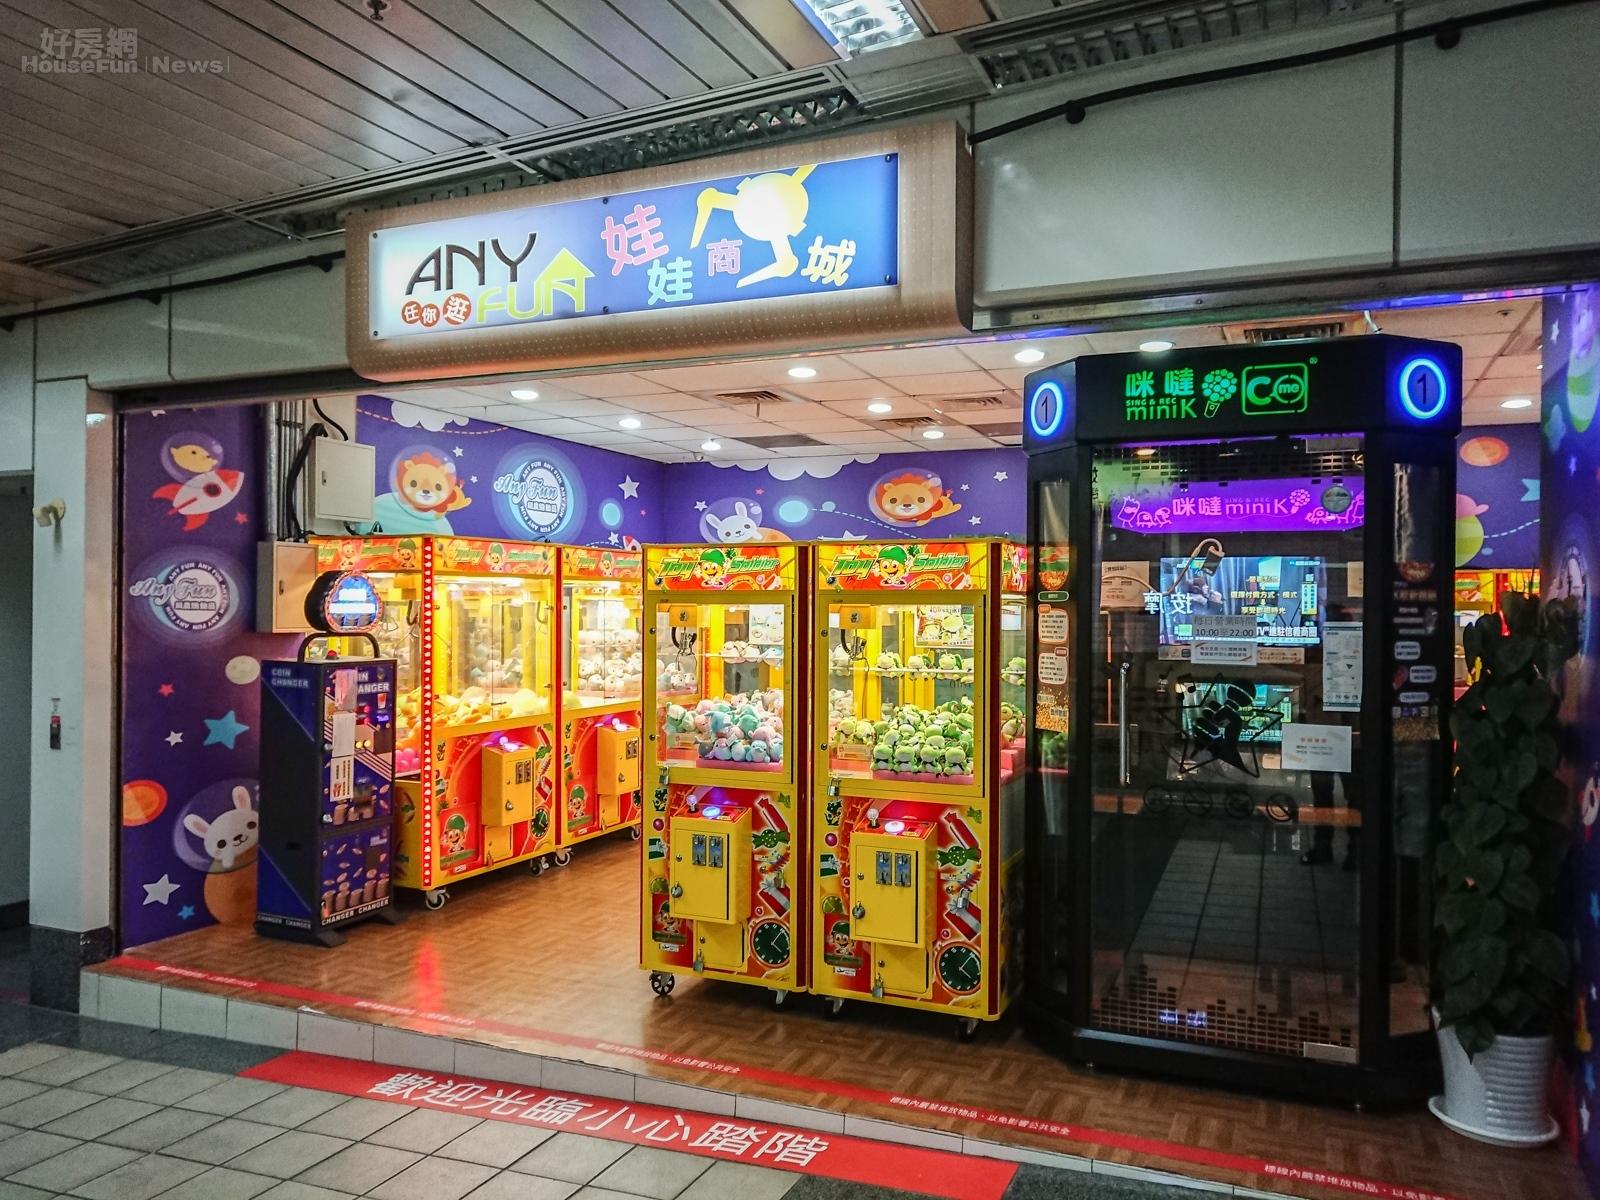 位於東區捷運地下街也出現夾娃娃機店,同時也有一台可以提供個人歡唱的KTV機。(好房網News記者張聖奕/攝影)